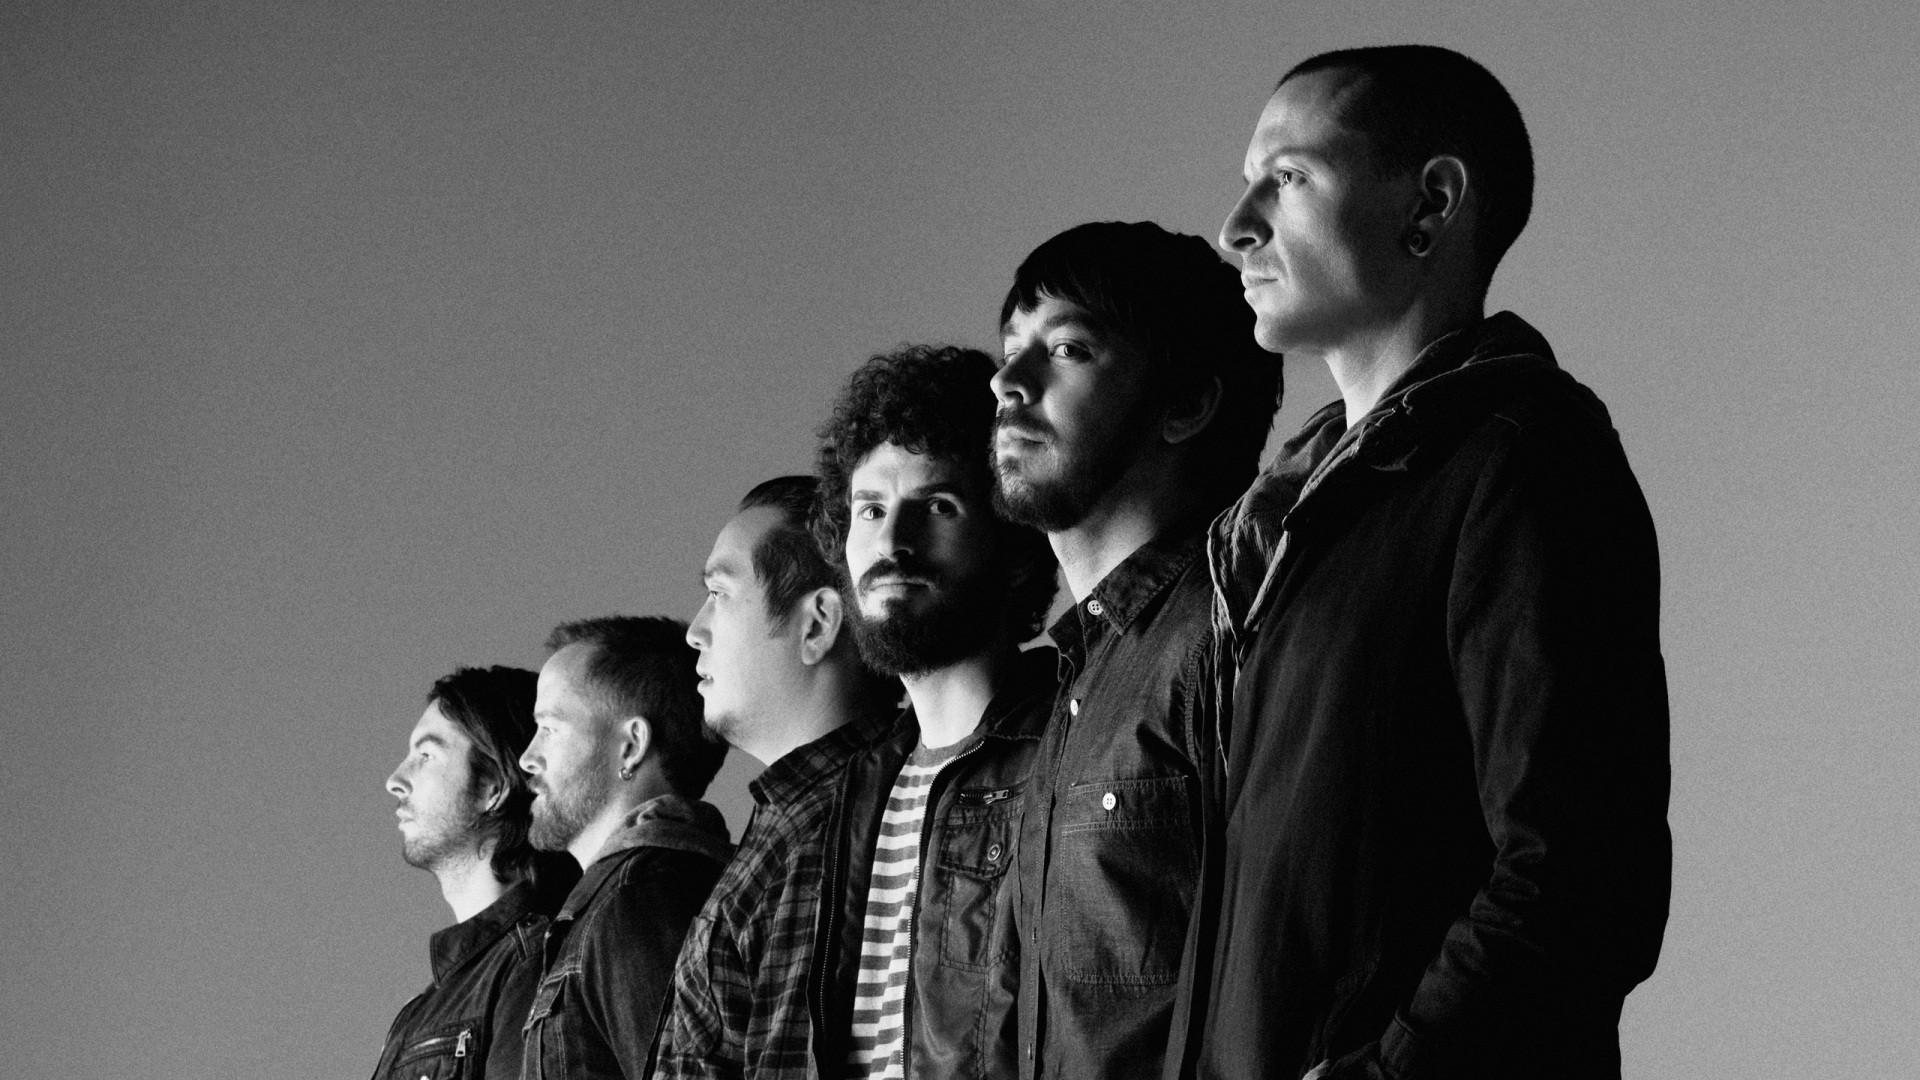 Linkin Park Wallpaper Image